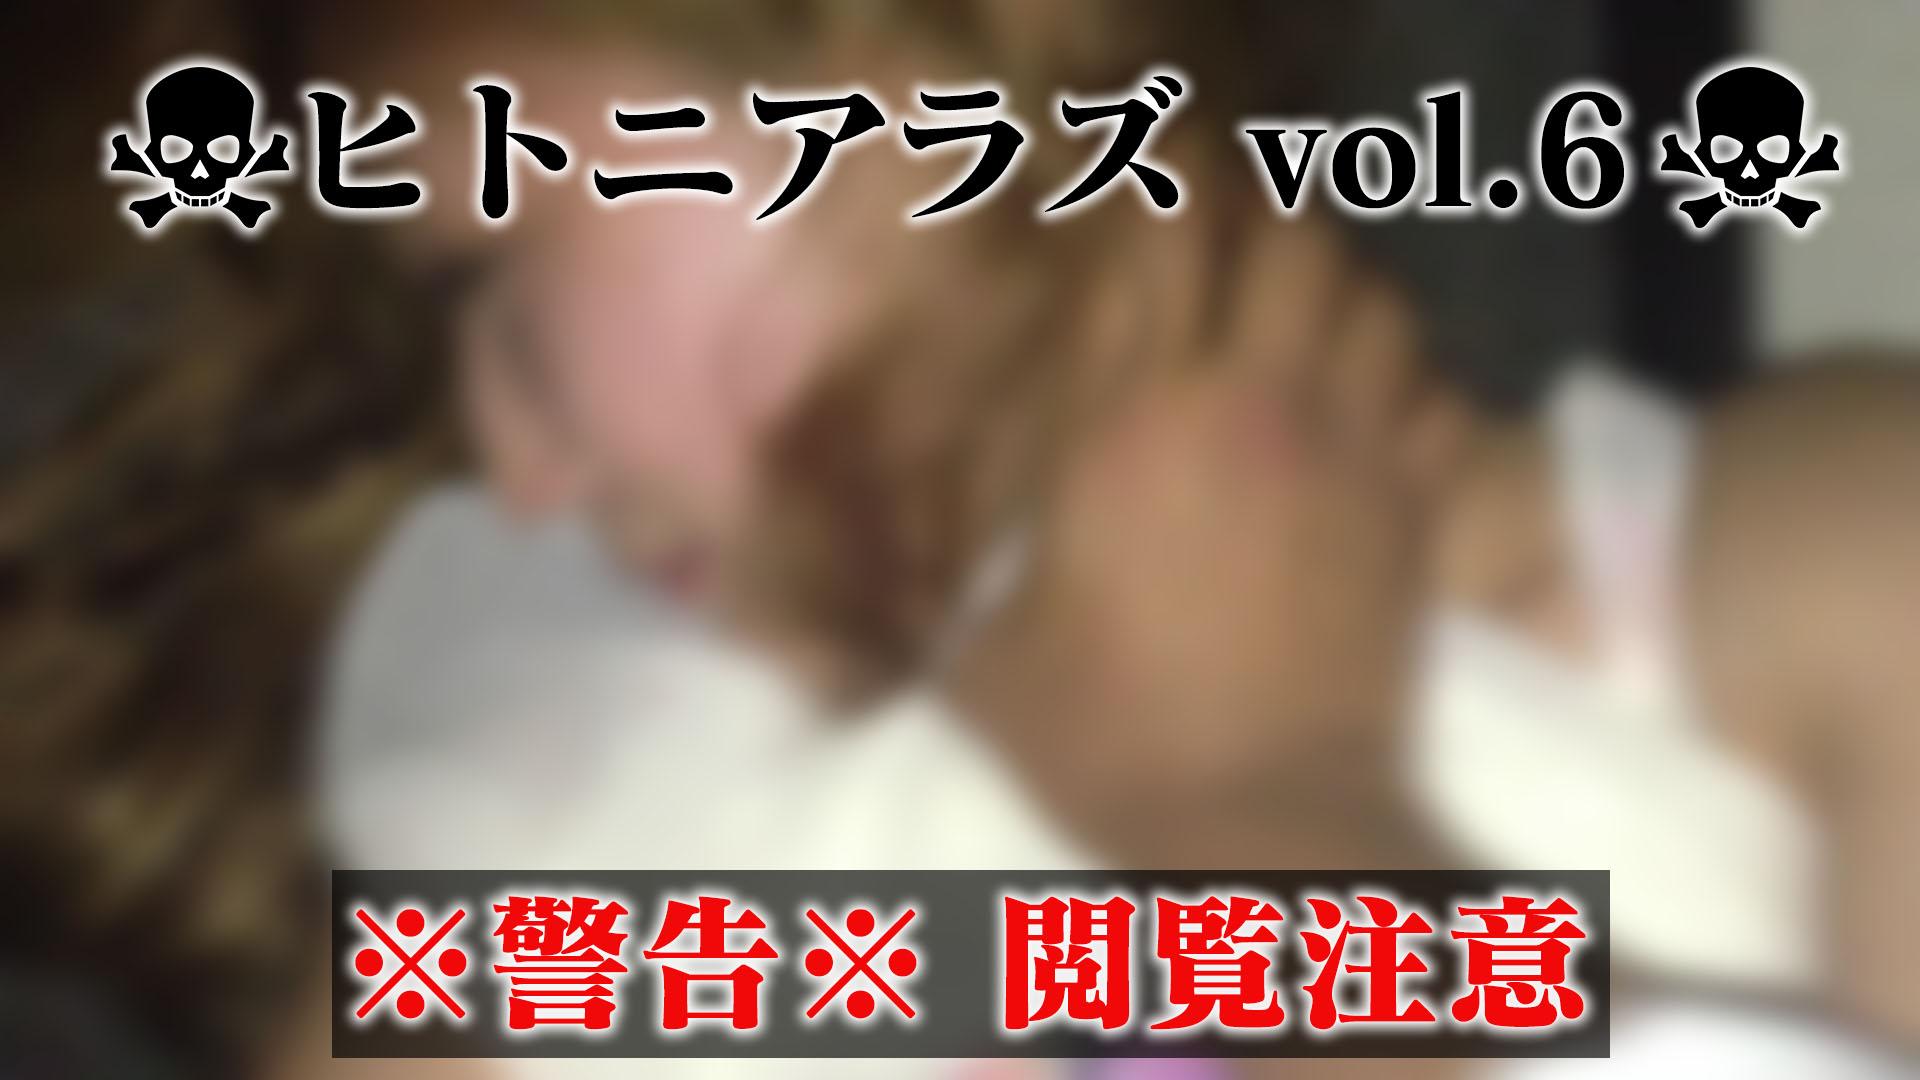 『ヒトニアラズ vol.6』3人の女性を残忍にレイプする犯行記録